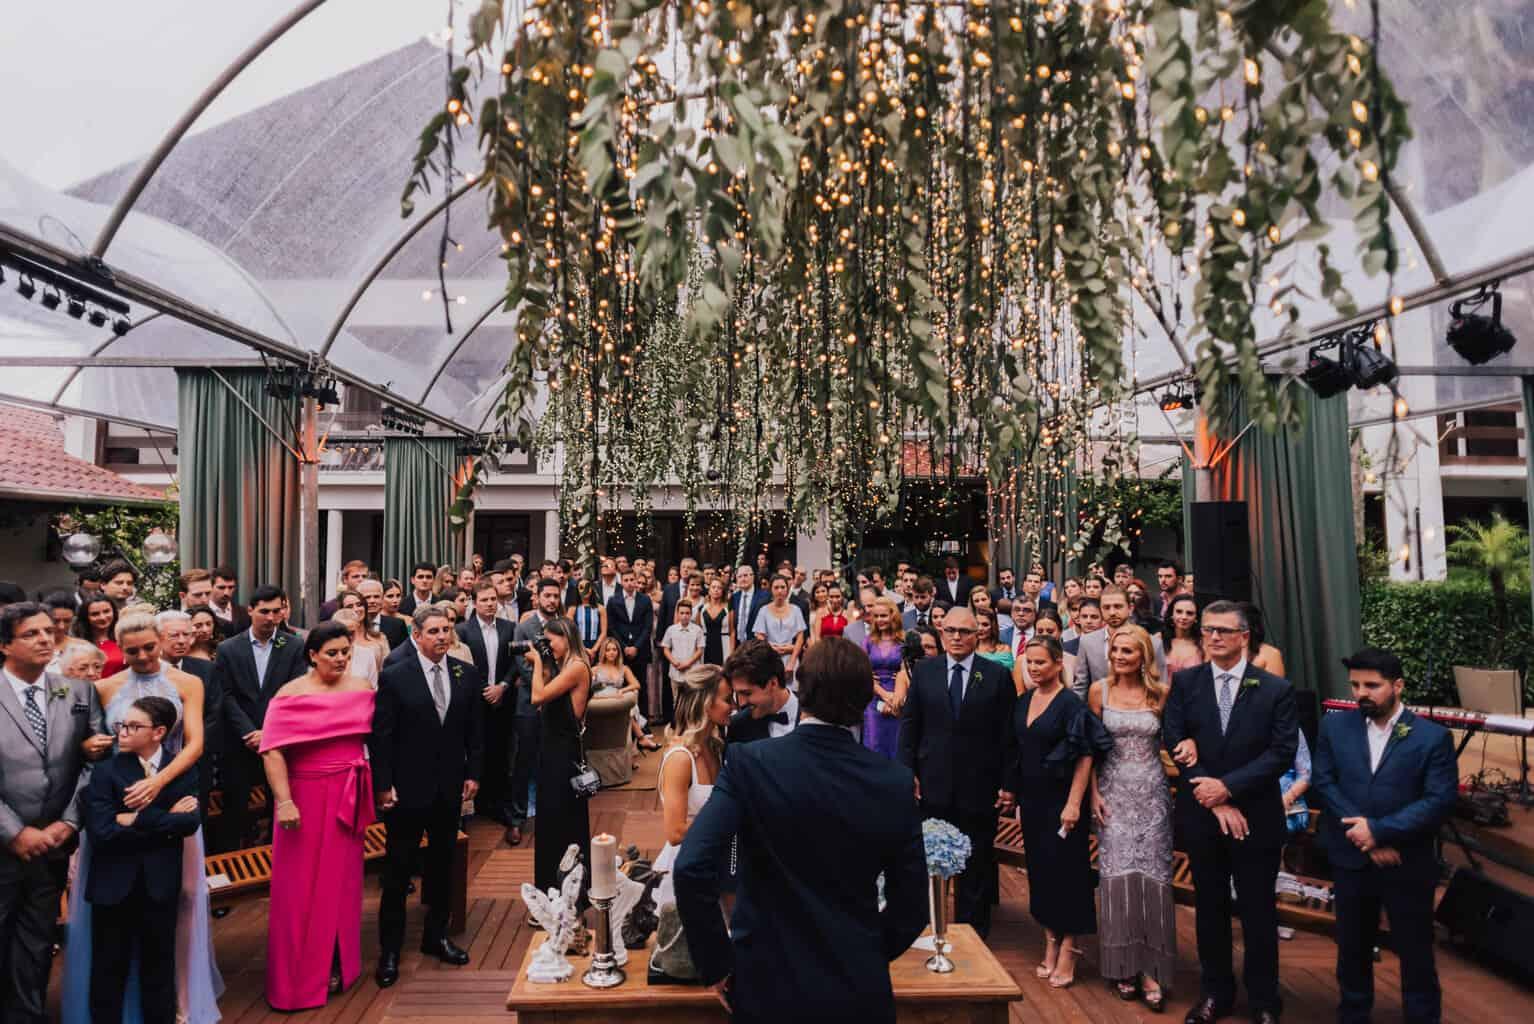 casamento-Maitê-e-Breno-cerimonia-no-jardim-Fotografia-Mana-Gollo-Hotel-Timbó-Park-noivos-no-altar42-1